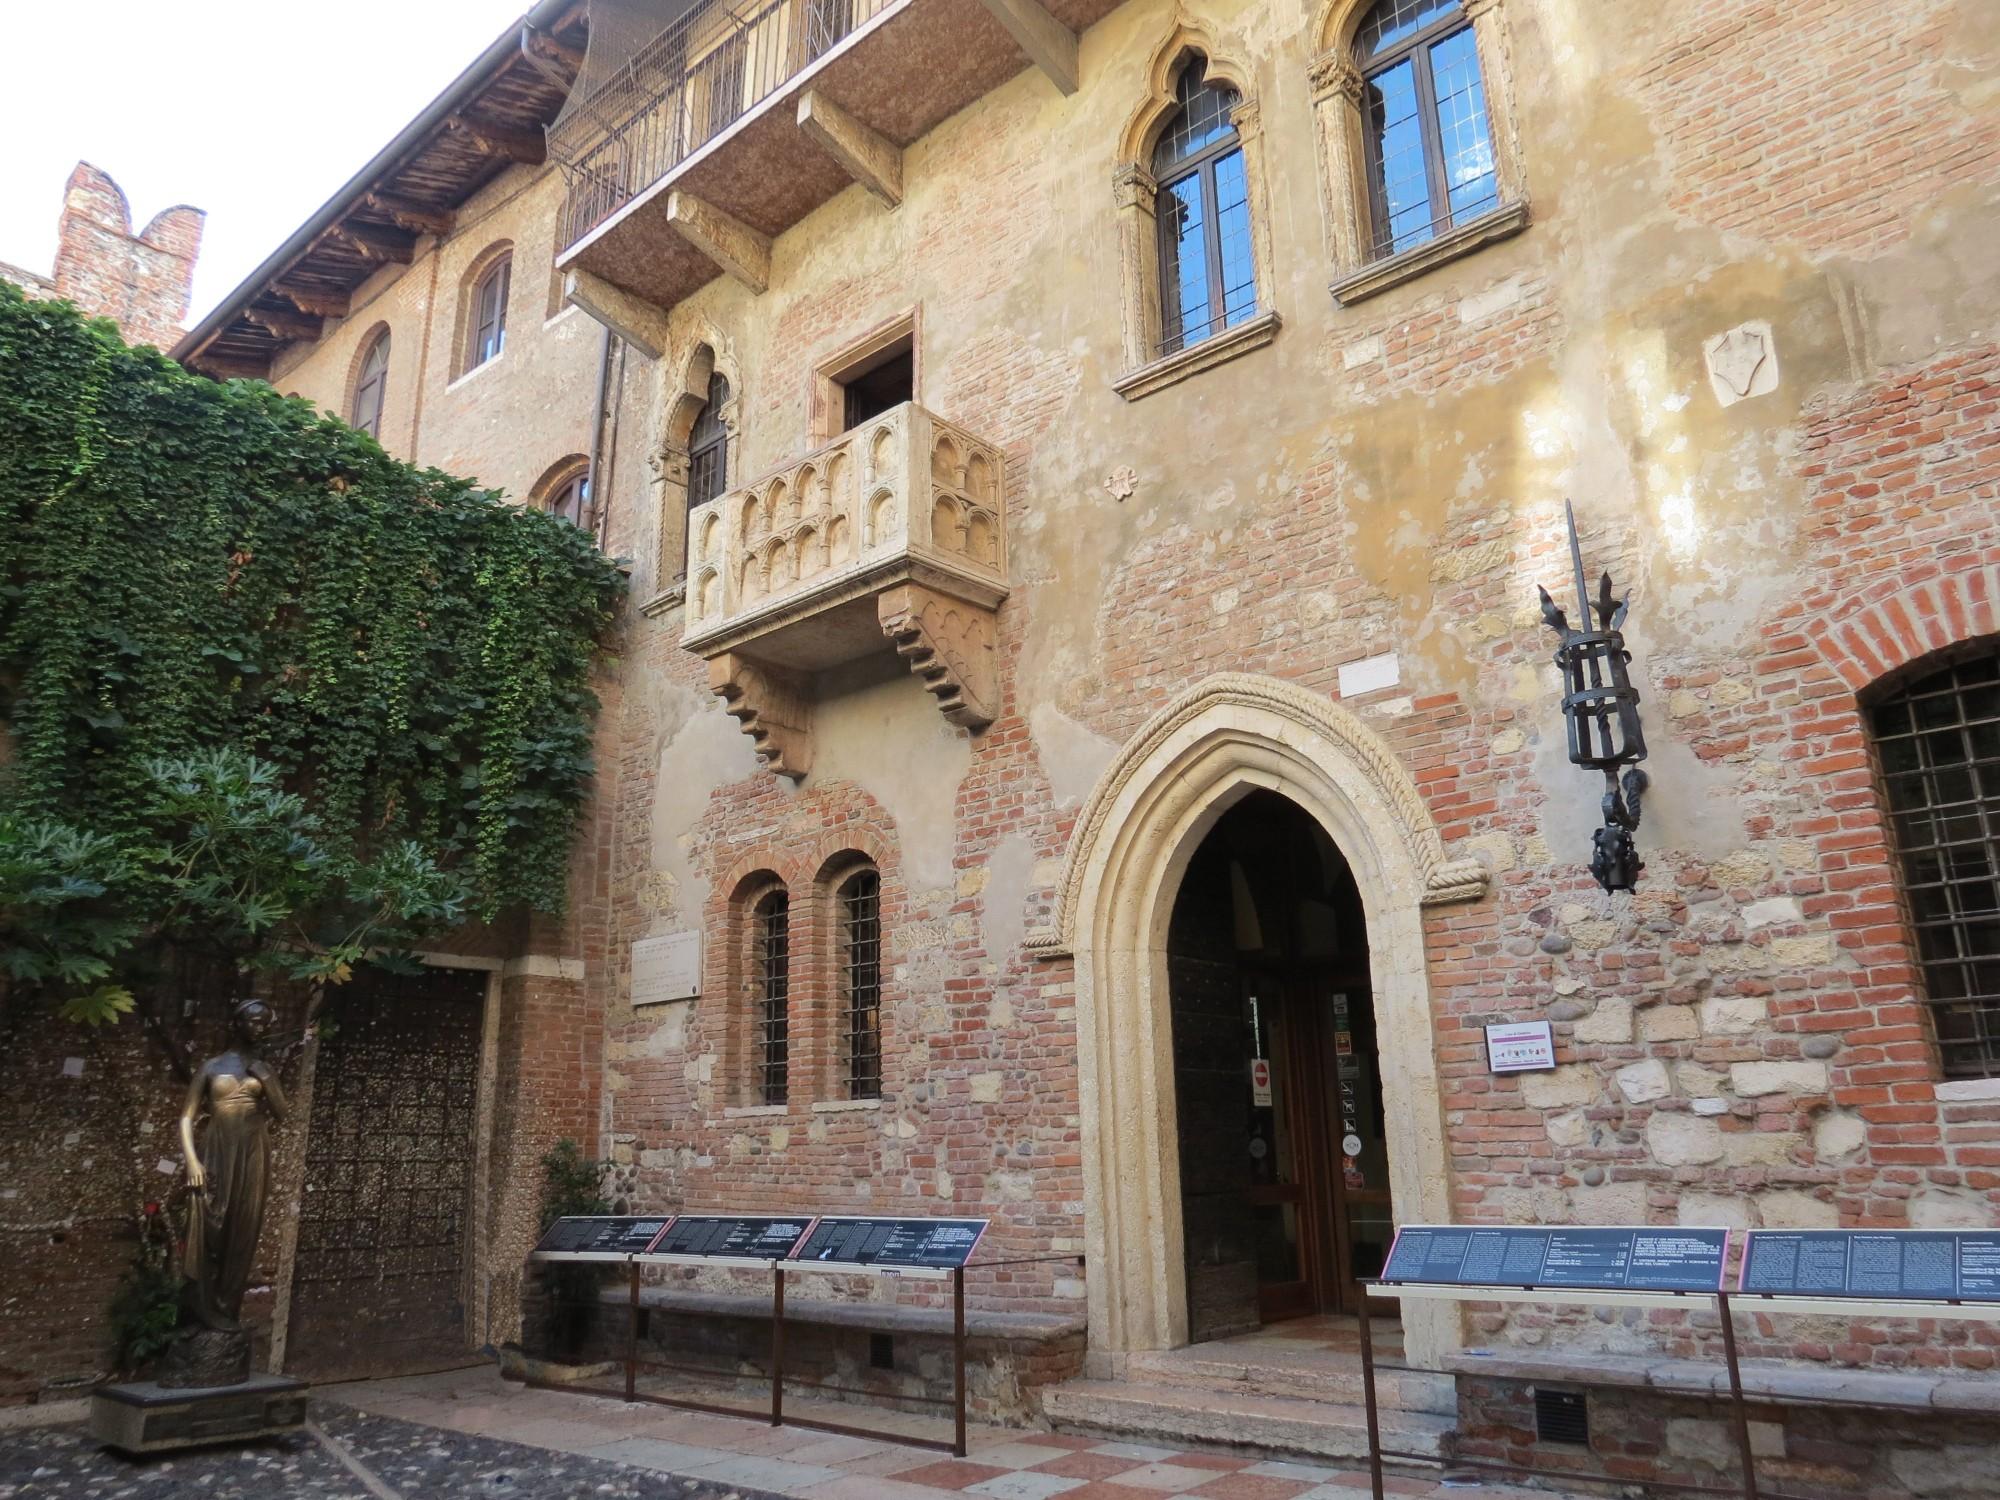 Juliet's Balcony in Verona, Italy1